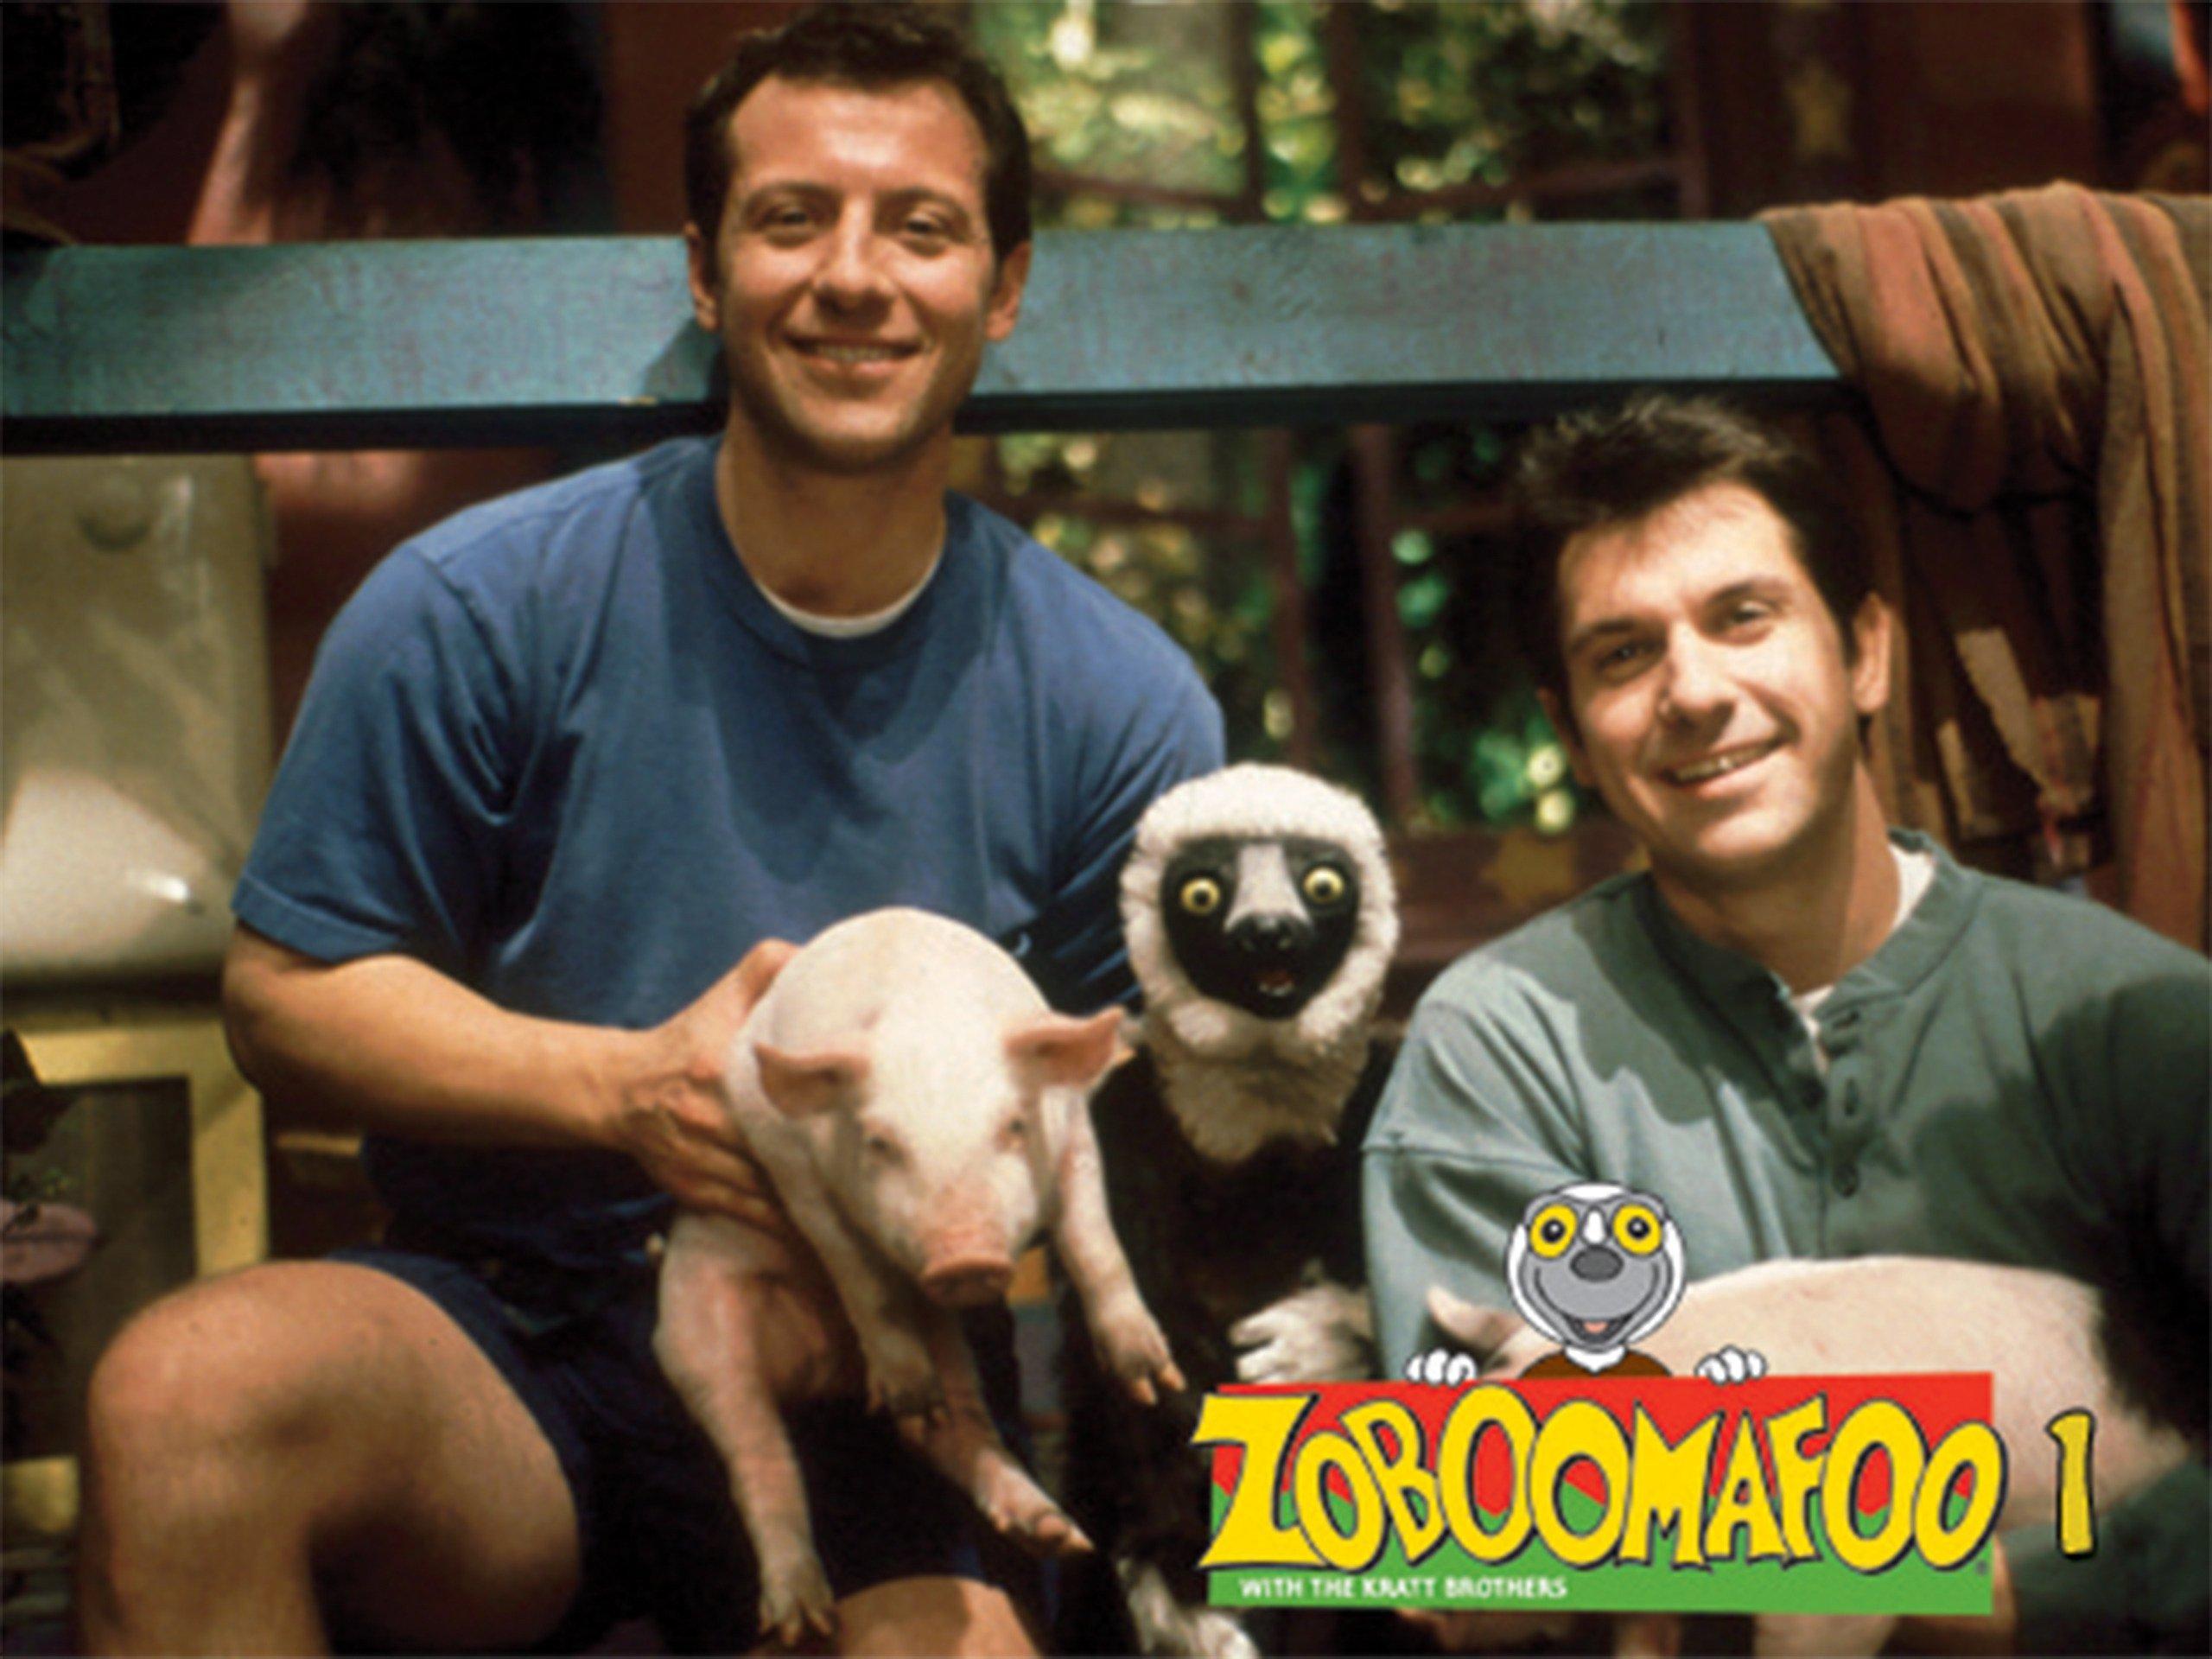 Amazon co uk: Watch Zoboomafoo - Season 1 | Prime Video